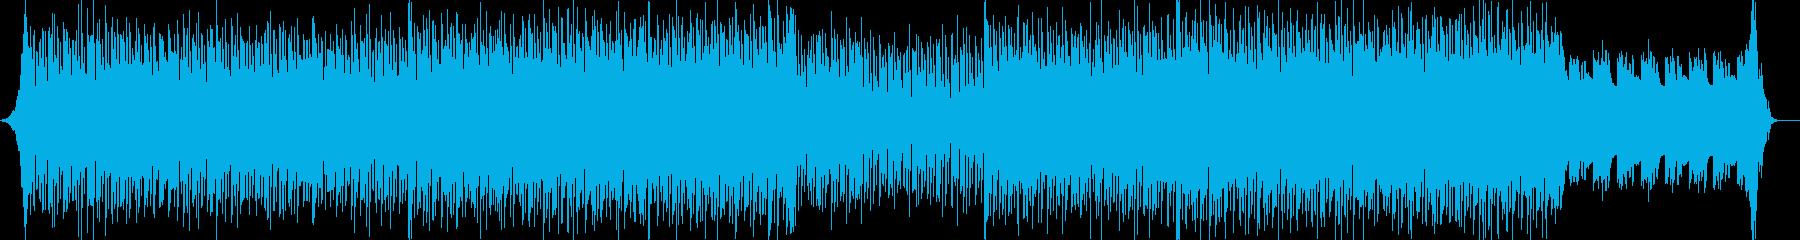 シンプル・ナレーションバック-02の再生済みの波形